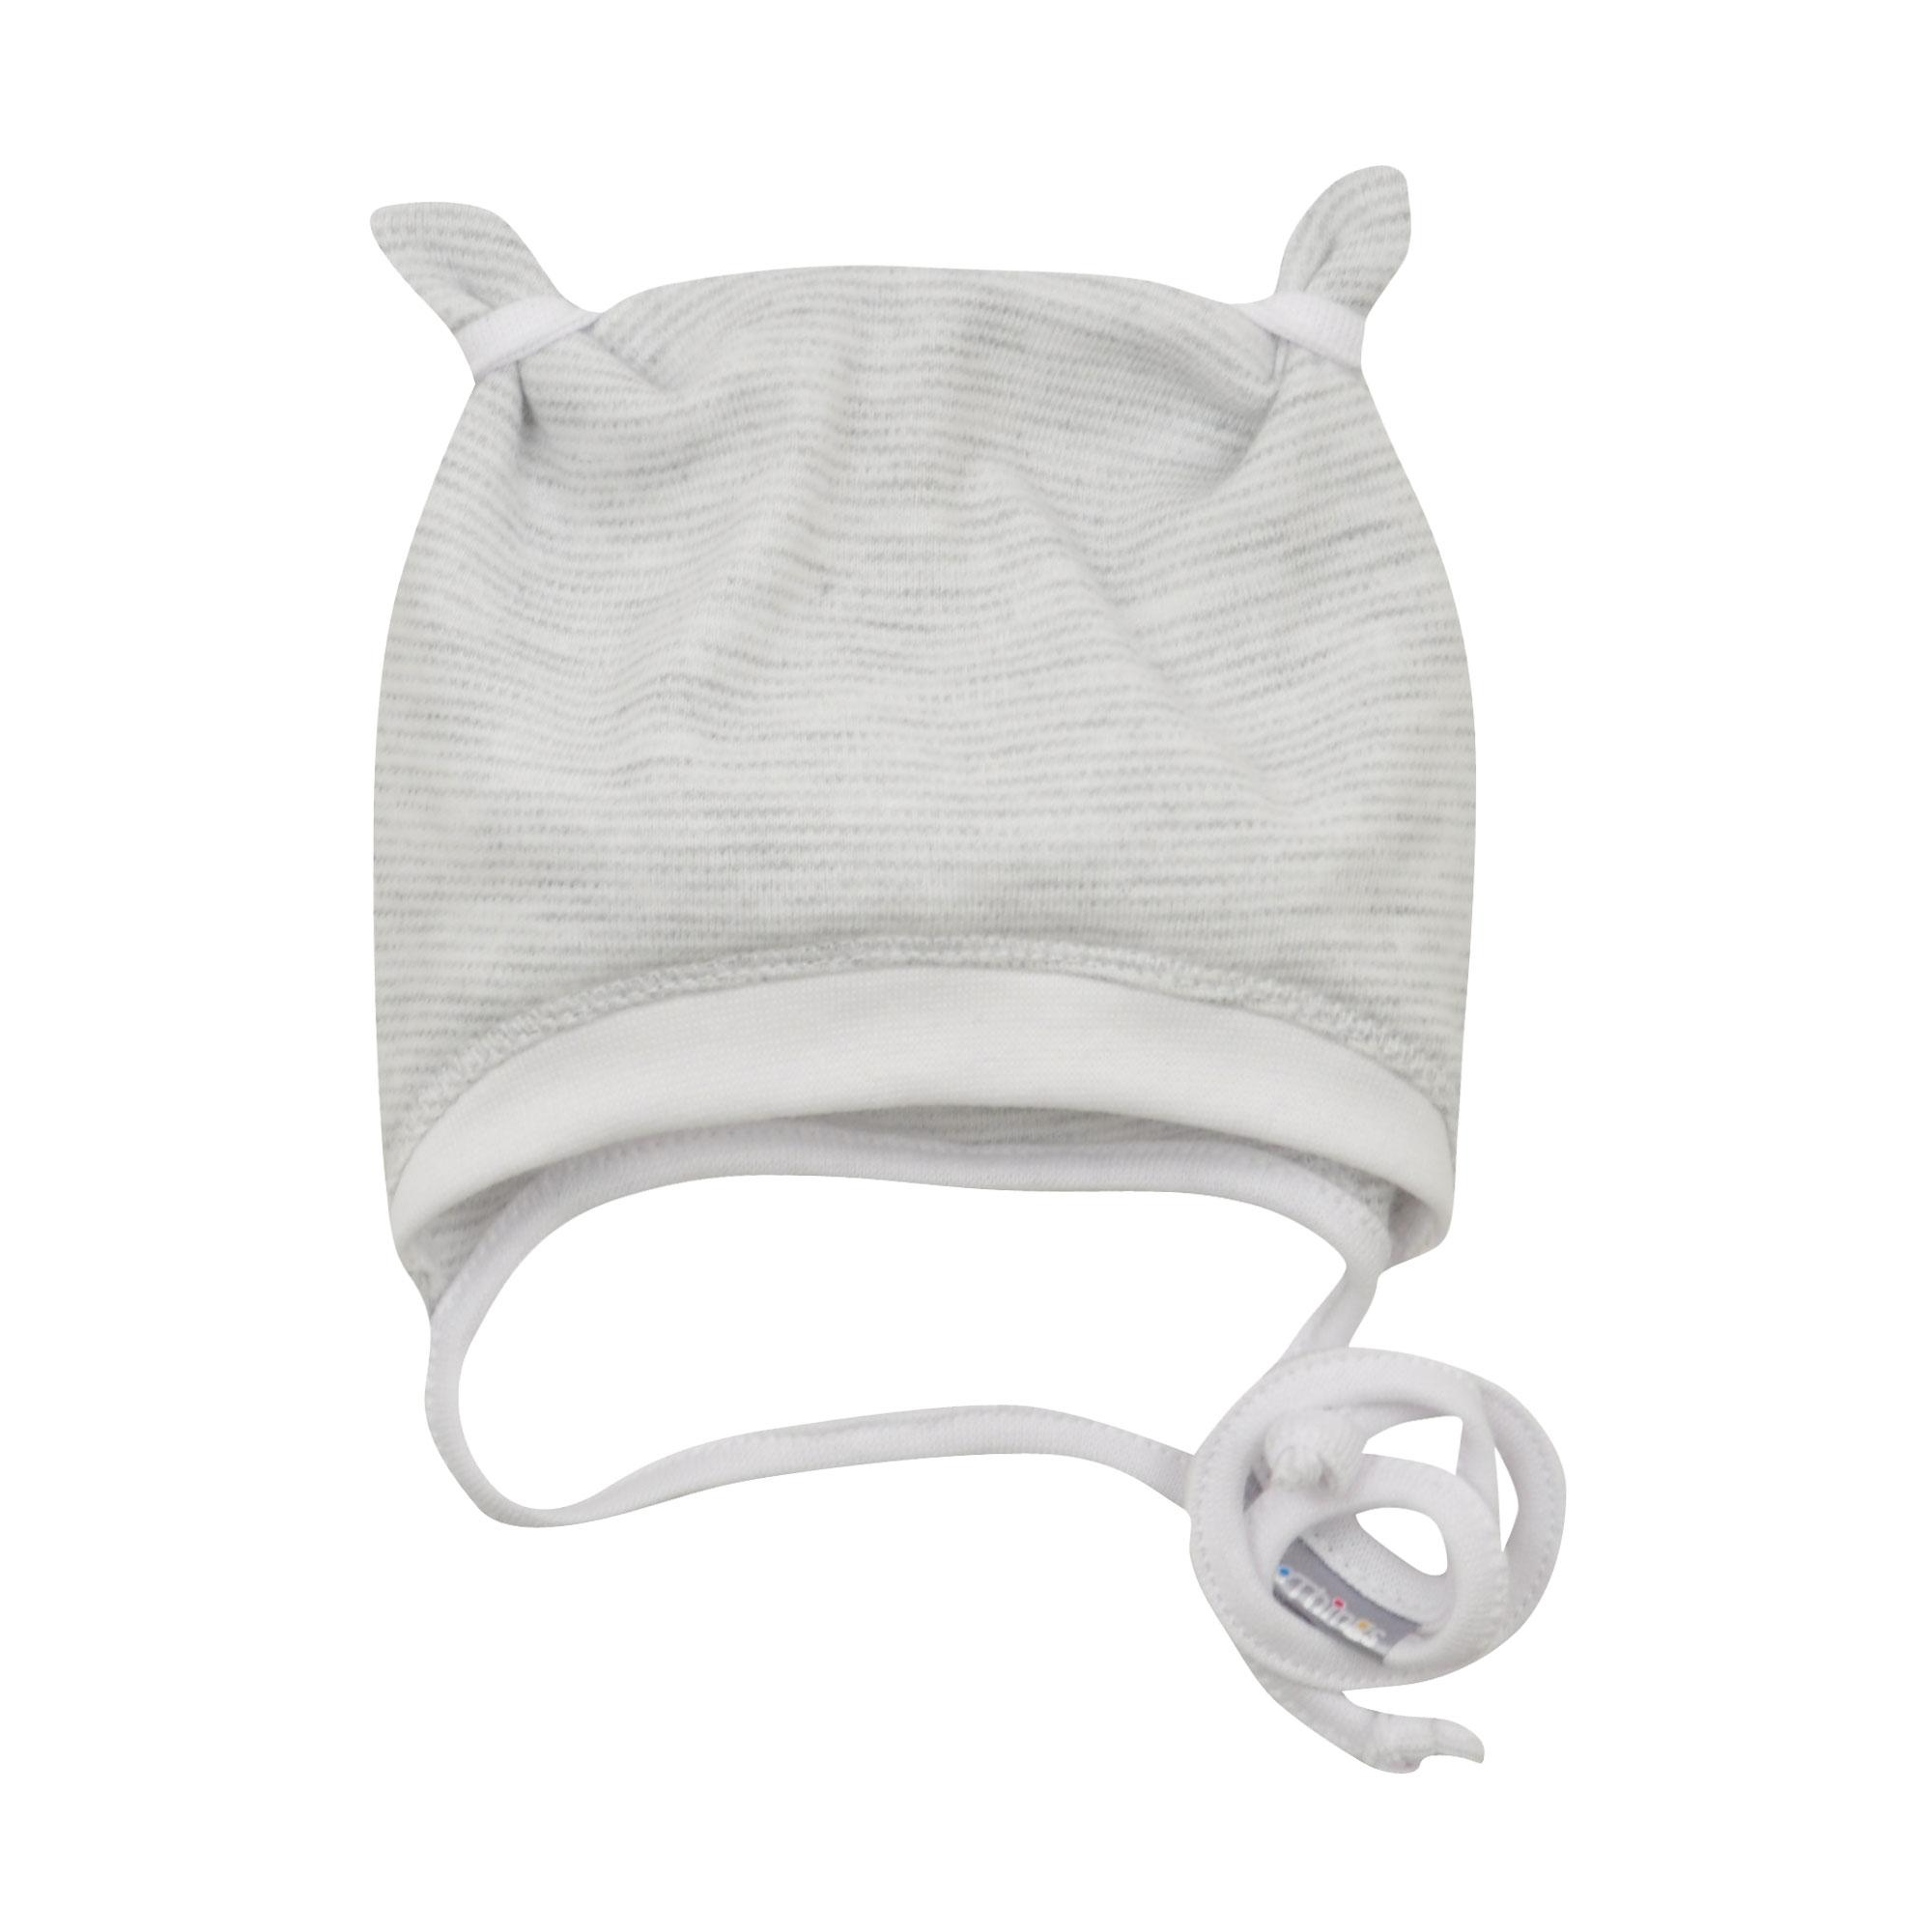 24e0b94d8ac šedá bavlněná kojenecká čepička s oušky